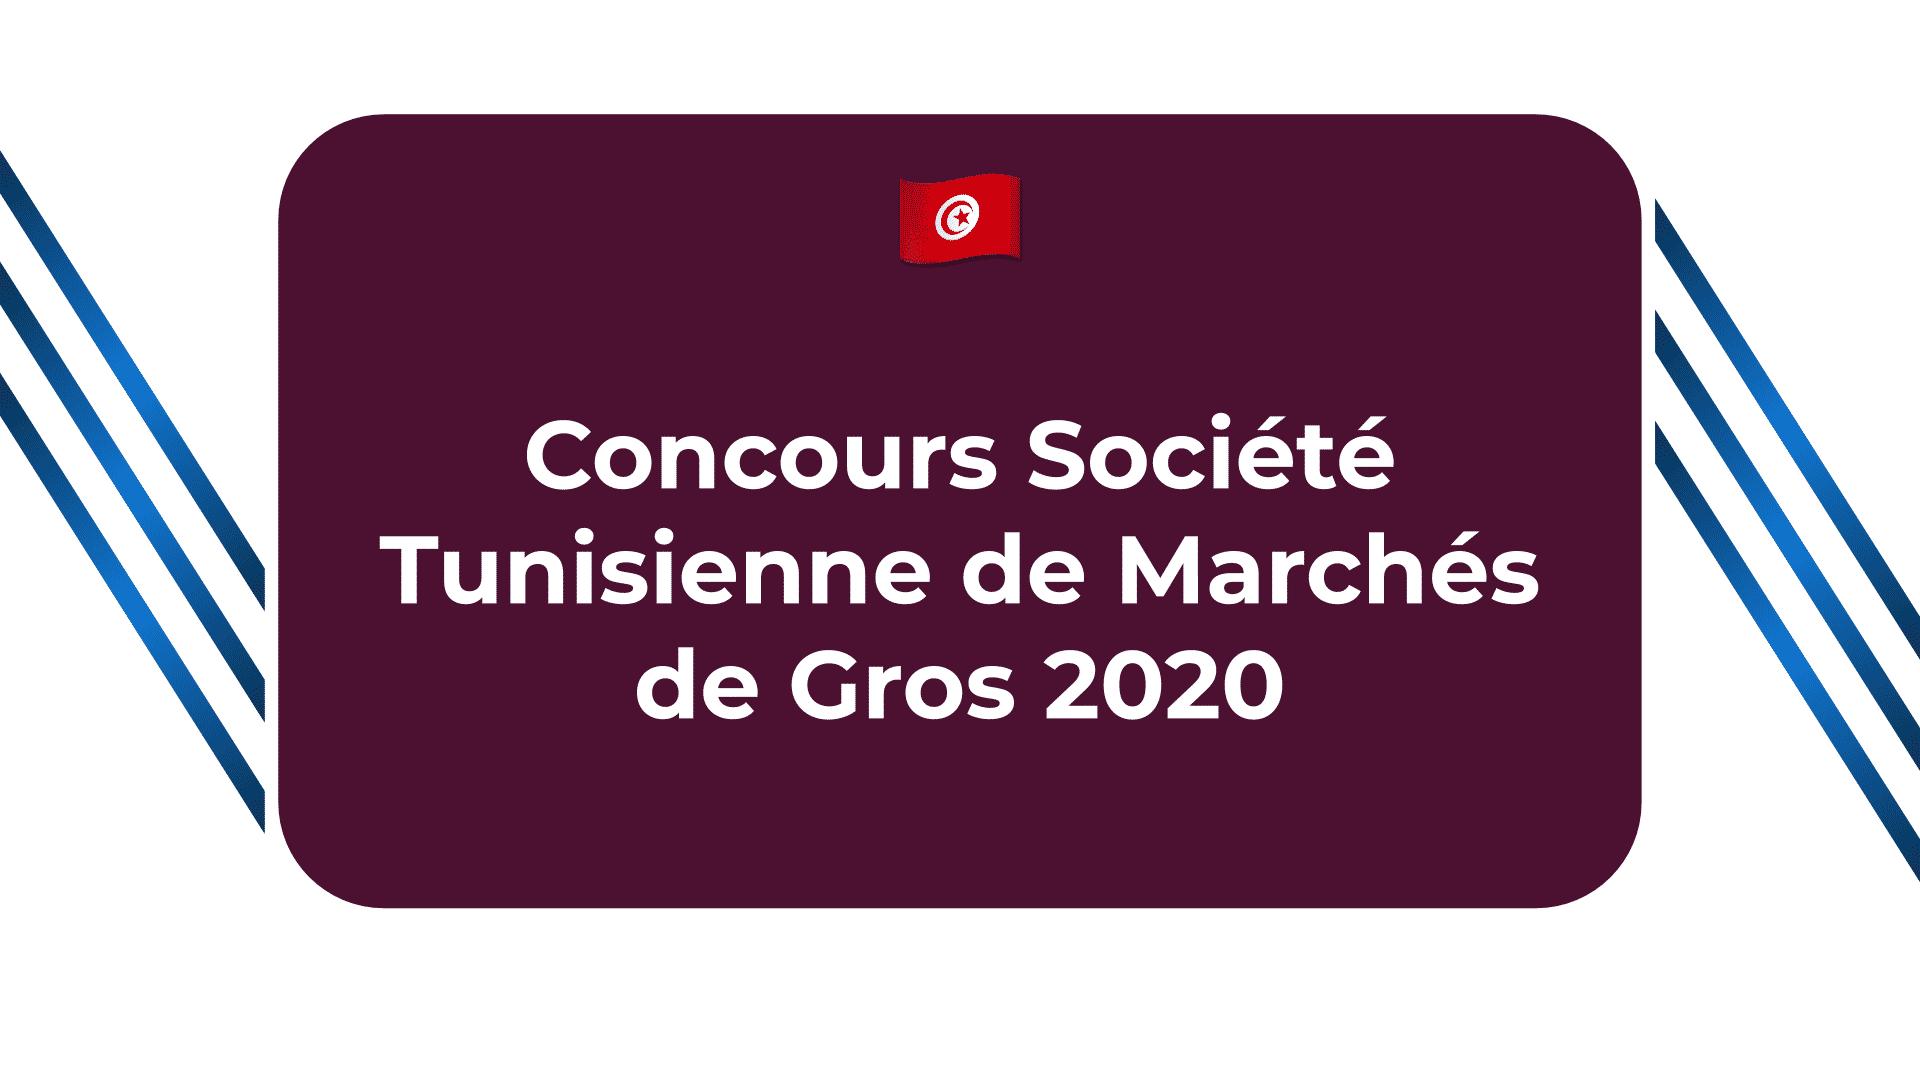 Concours Société Tunisienne de Marchés de Gros